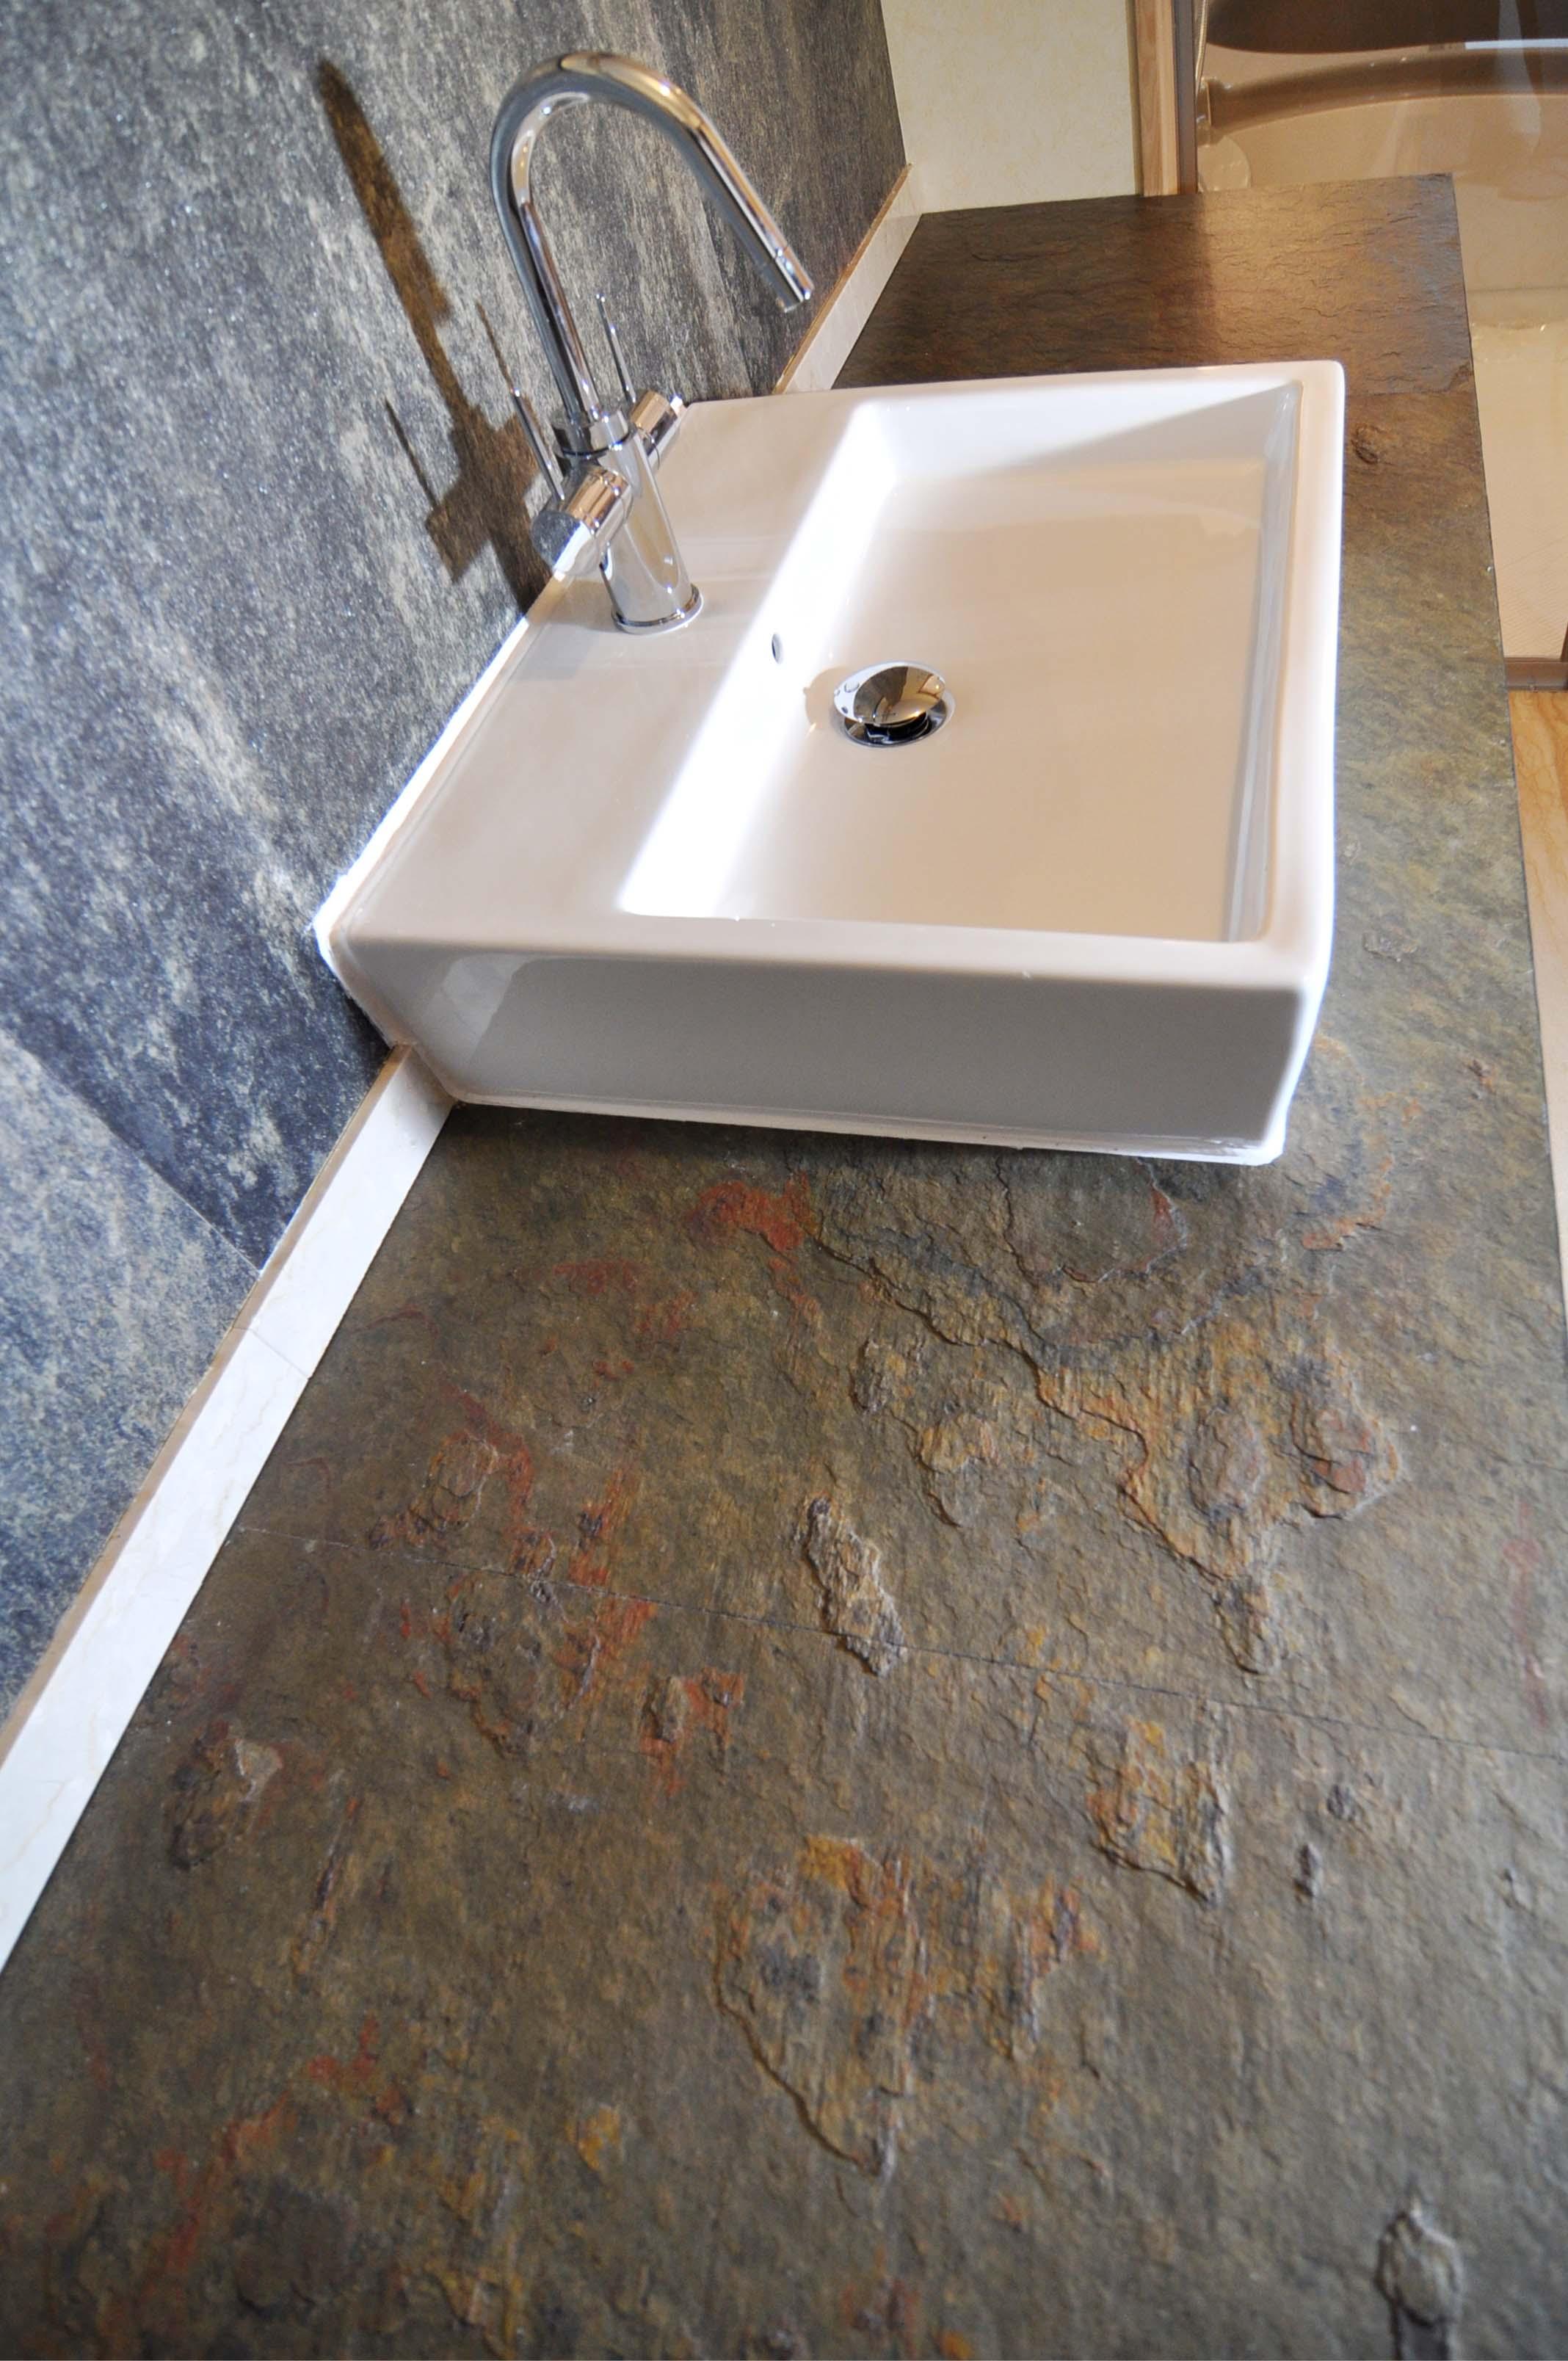 Plan de salle de bain en feuilles d 39 ardoise r alisation woodstone project - Feuille d ardoise ...